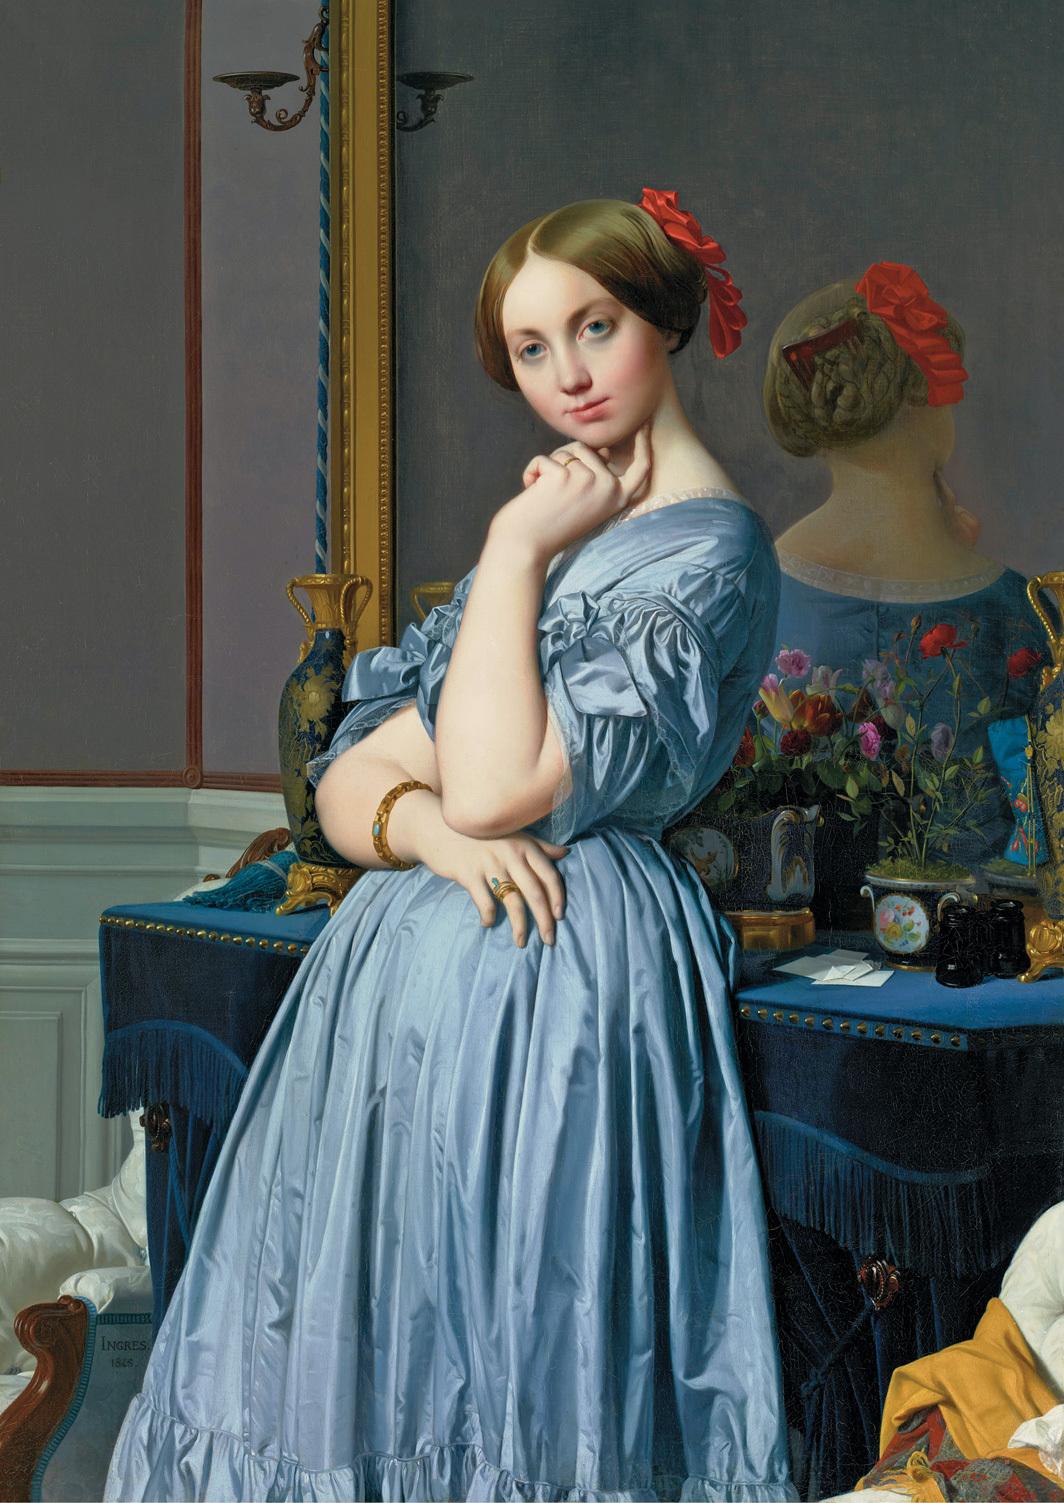 Jean-Auguste-Dominique Ingres, Comtesse d'Haussonville, 1845, oil on canvas, 57 7⁄8 × 36 1⁄4